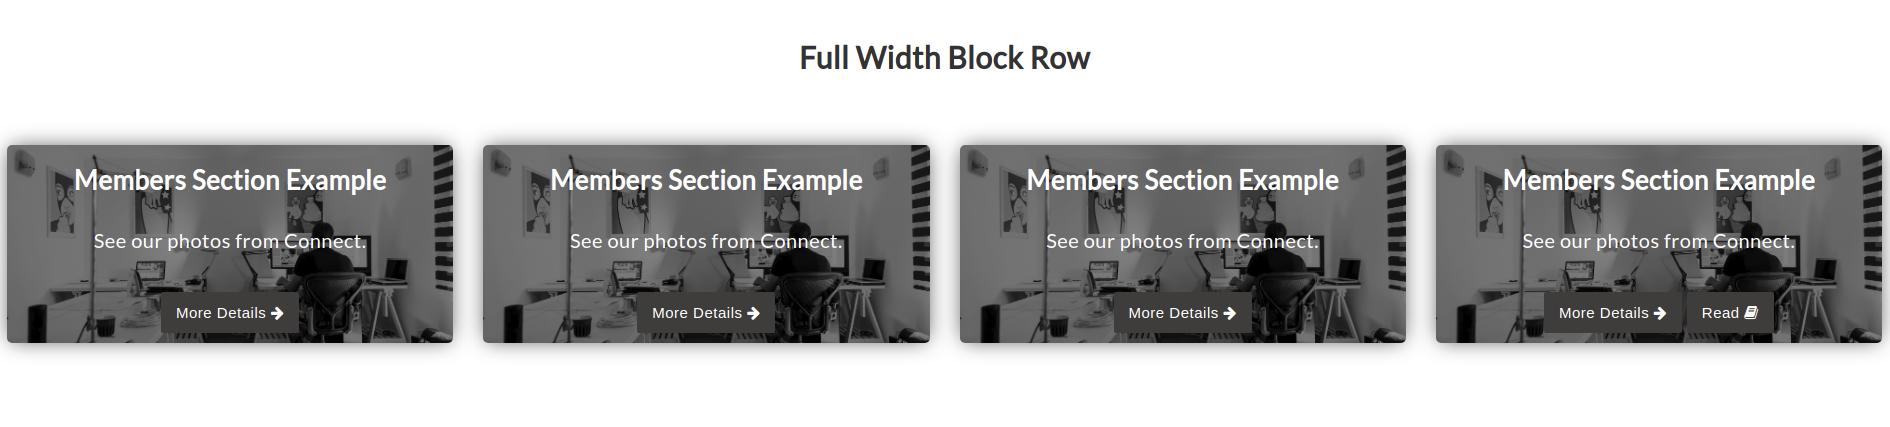 full_width_block_row